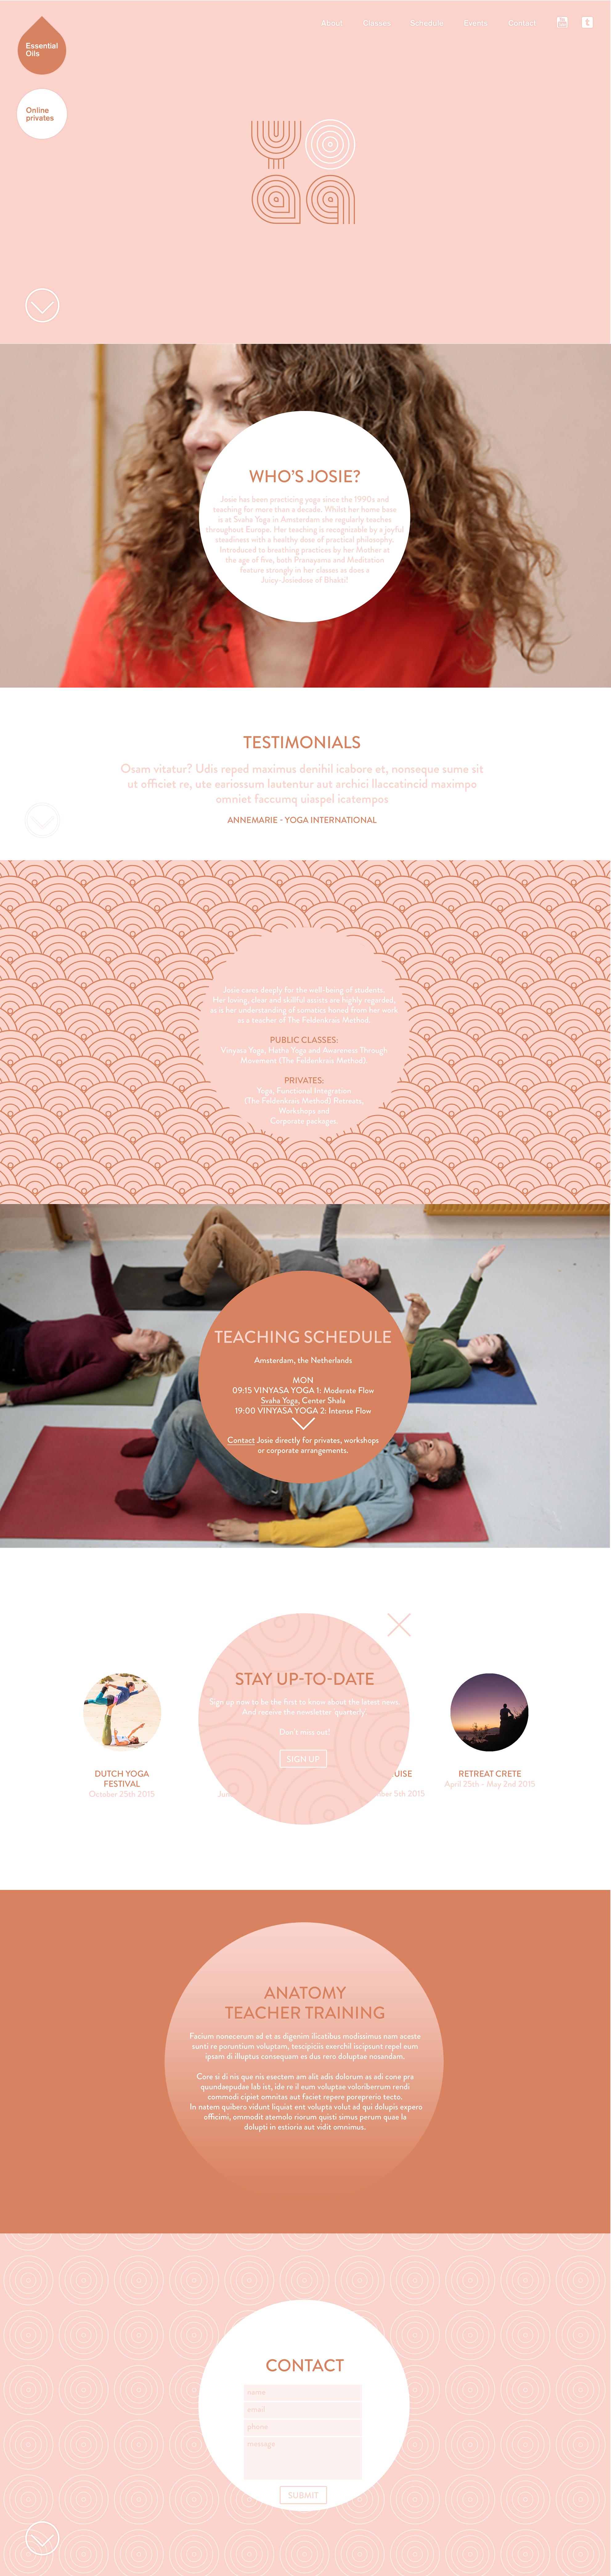 Yoga_site_def